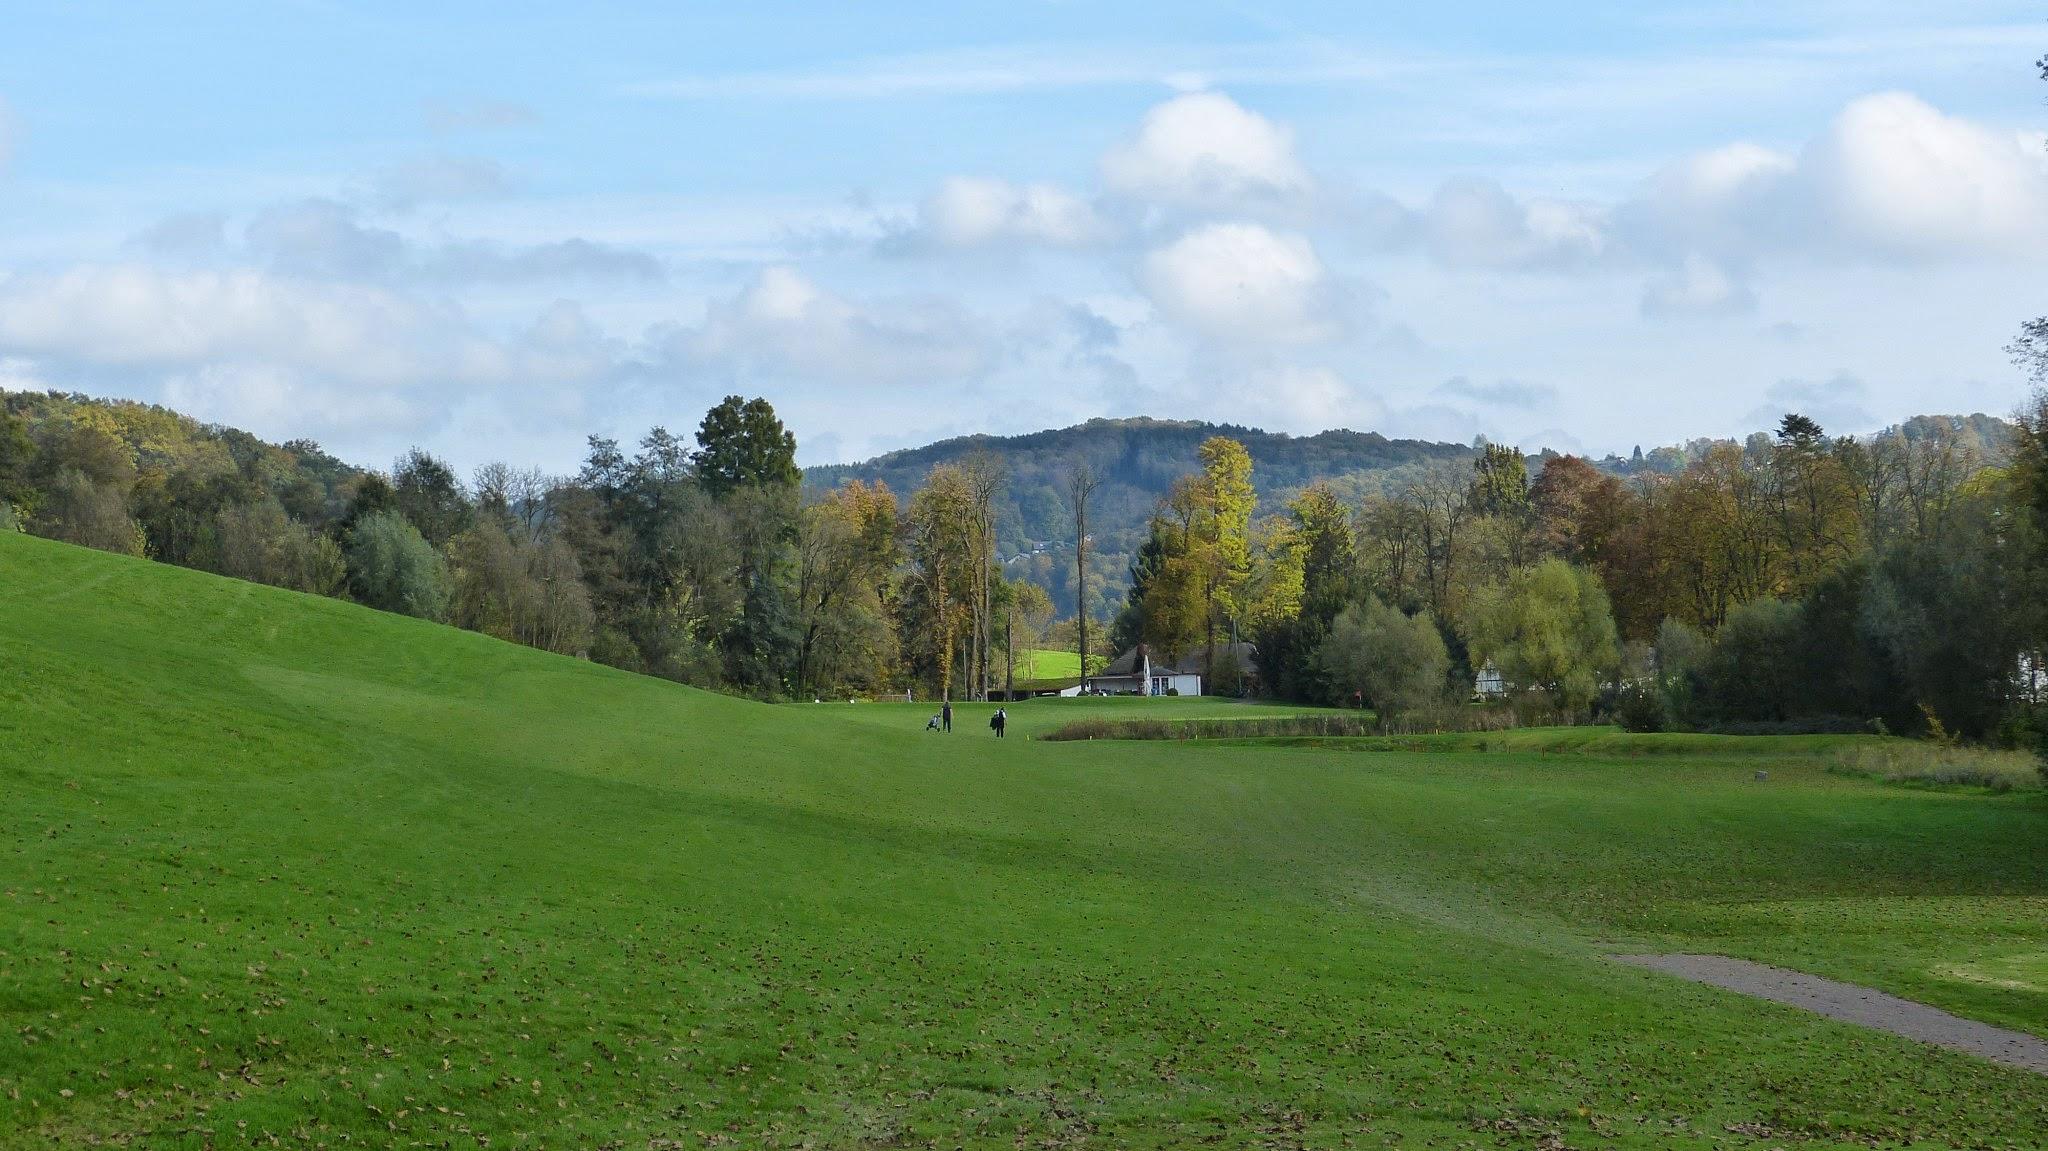 Golfplatz - Bahn18 vom Abschlag